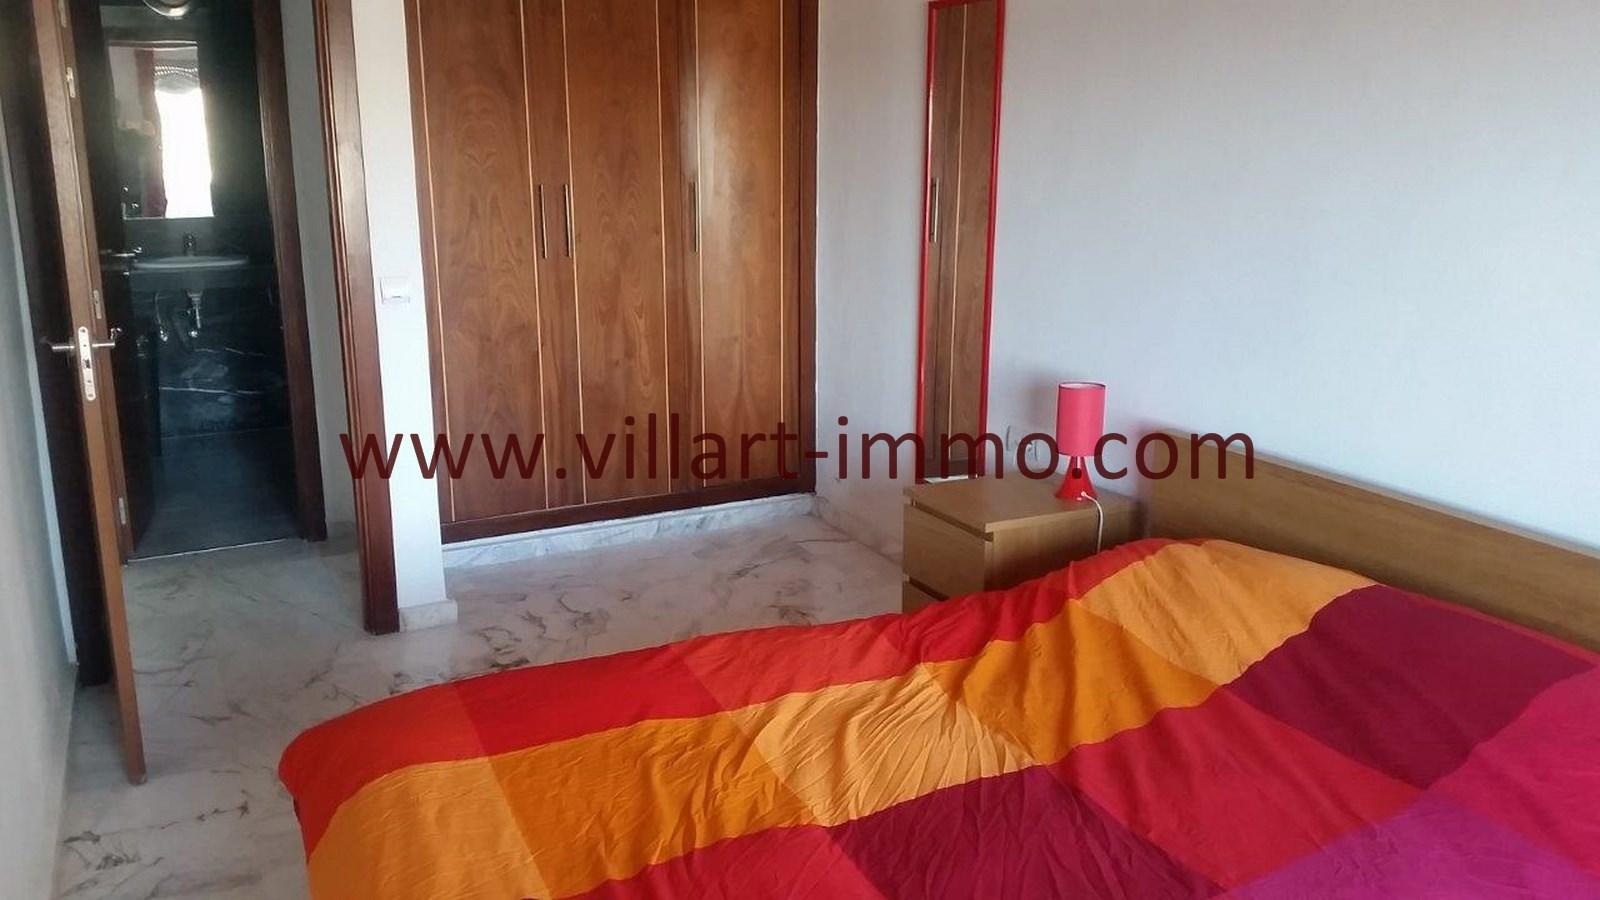 7-Vente-Appartement-Tanger-Centre-De-Ville-Chambre à coucher-VA576-Villart Immo